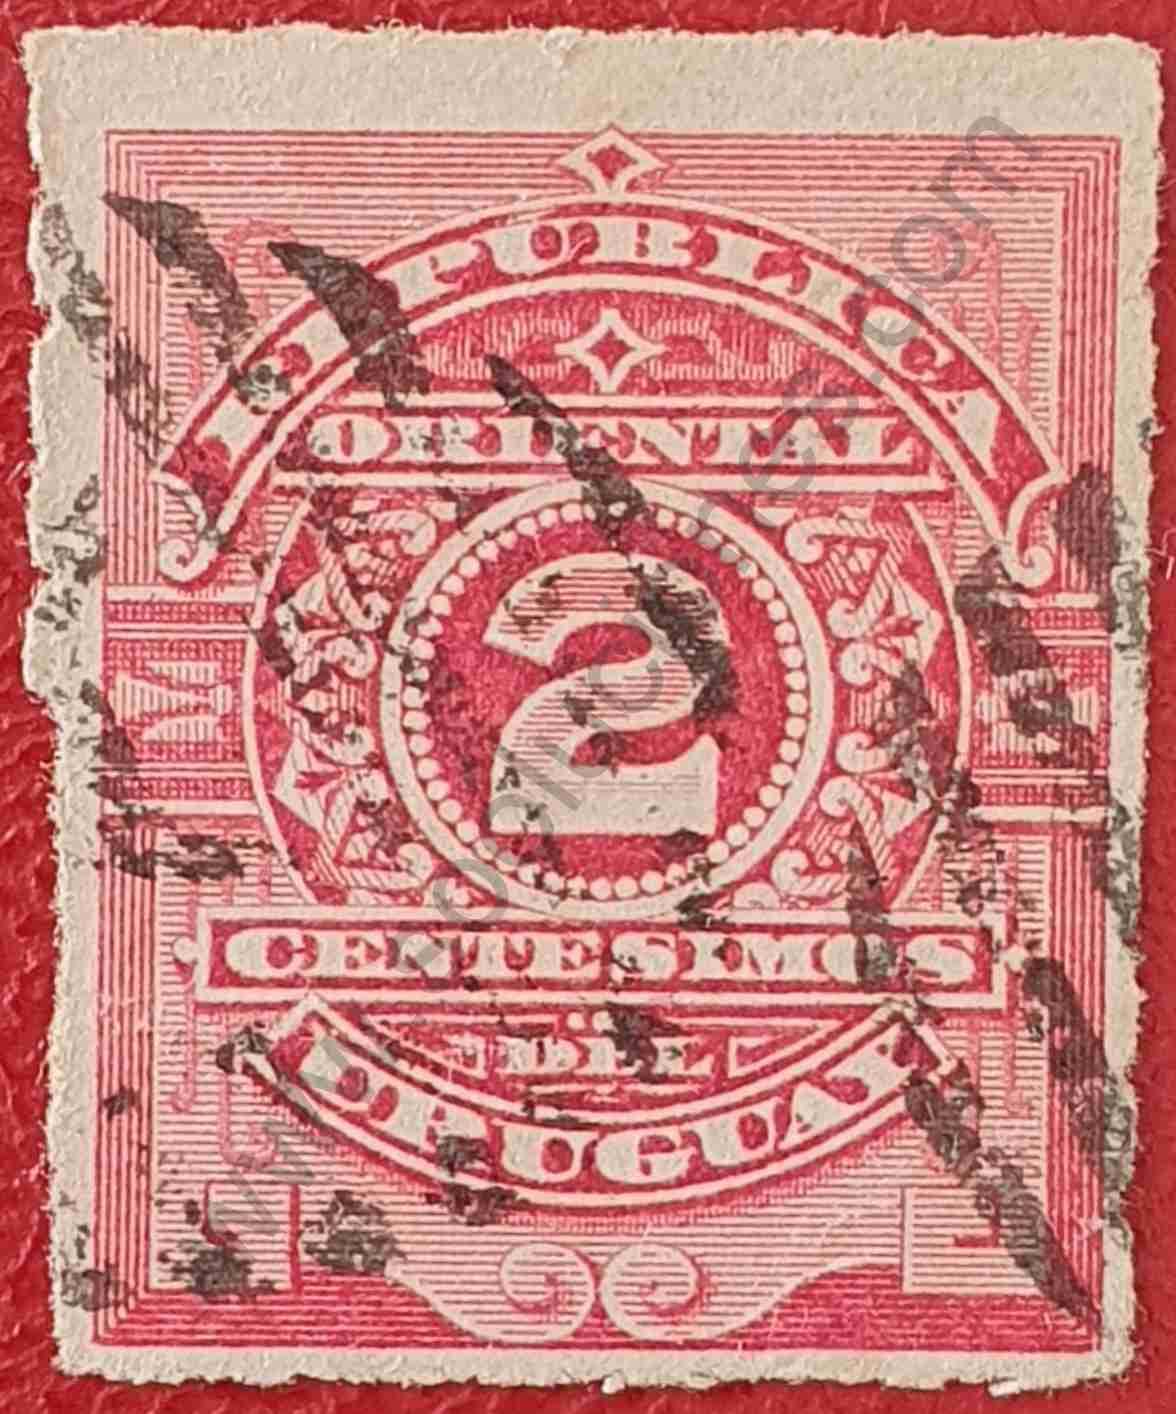 Número 2 - Sello de Uruguay año 1884